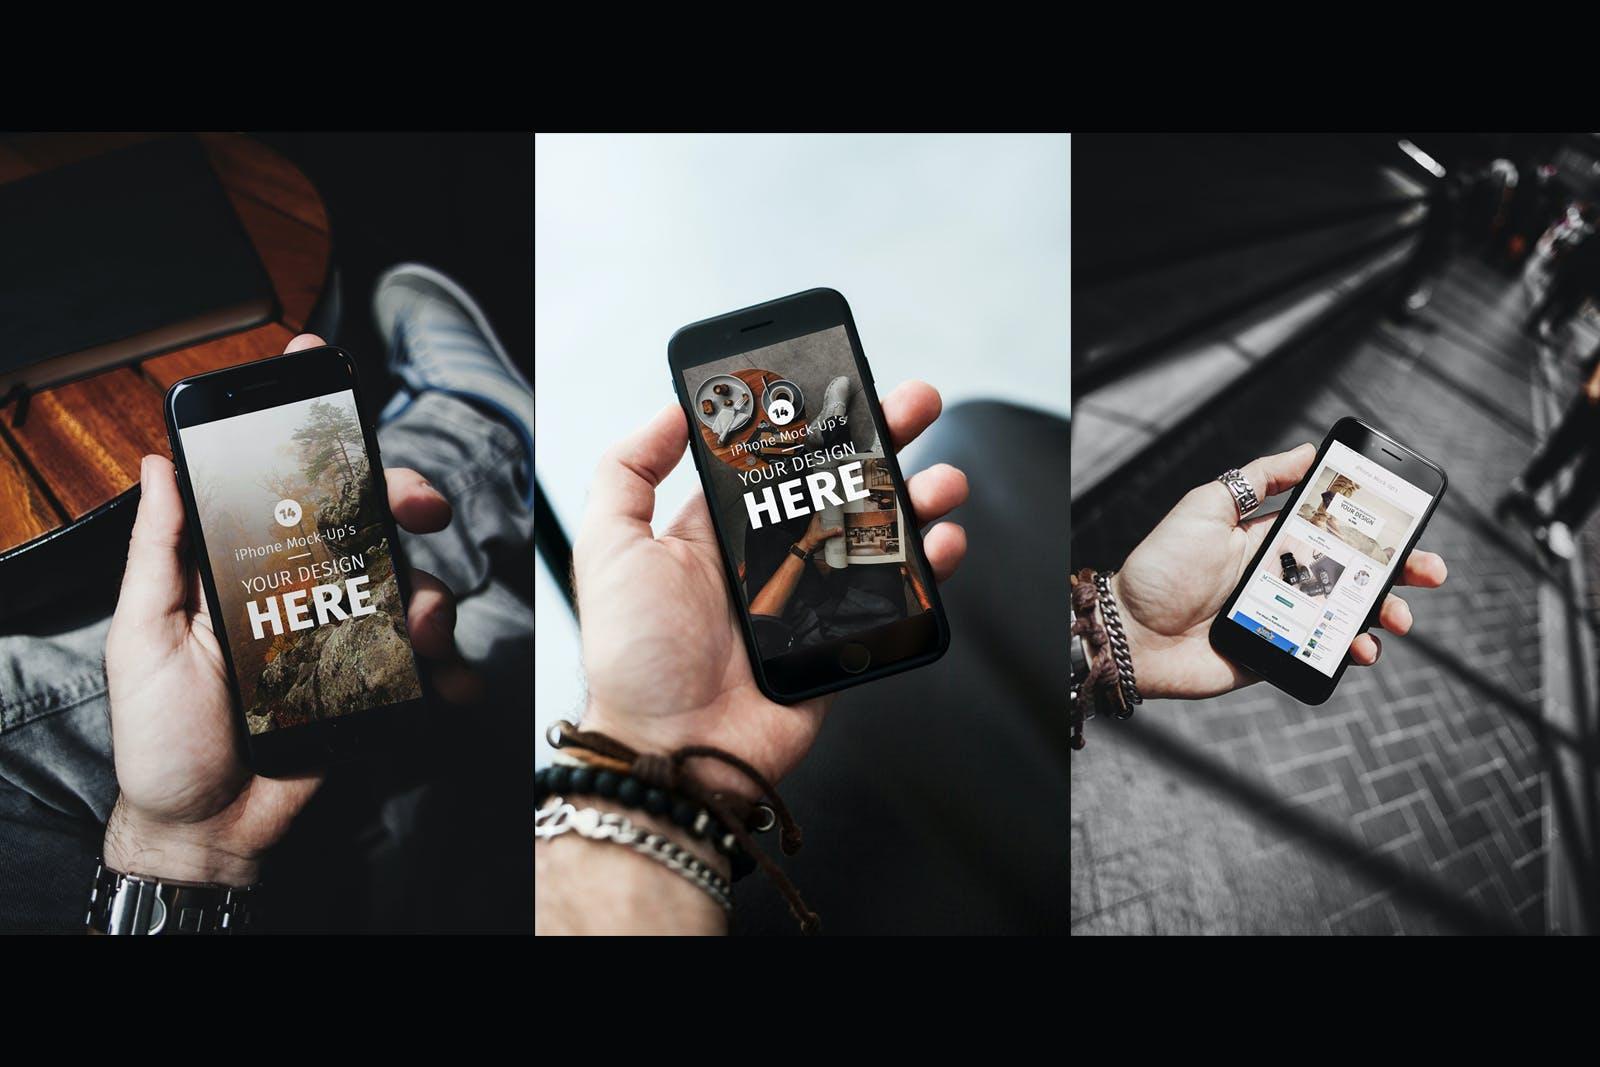 14款APP应用界面设计iPhone 7屏幕演示样机模板 iPhone 7 Urban Edition插图(3)